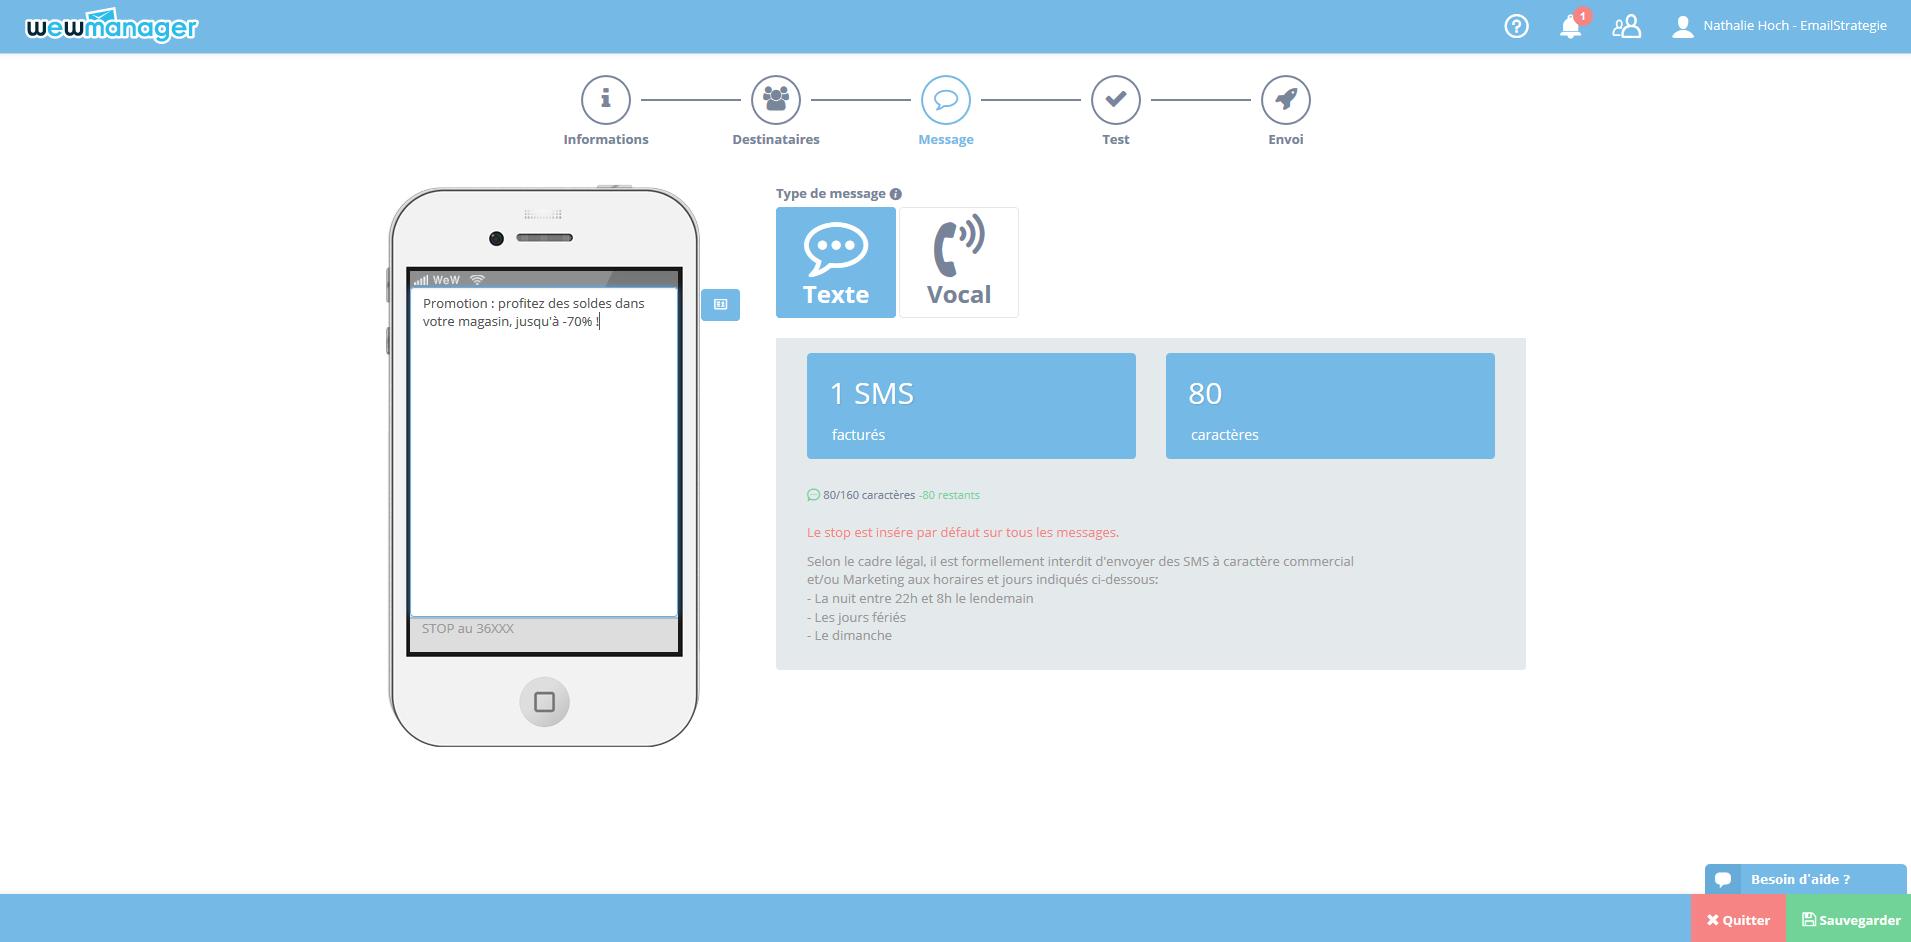 wewmanager : Gestion de Campagnes SMS, Aperçu en Temps Réel, SMS Texte ou Vocal